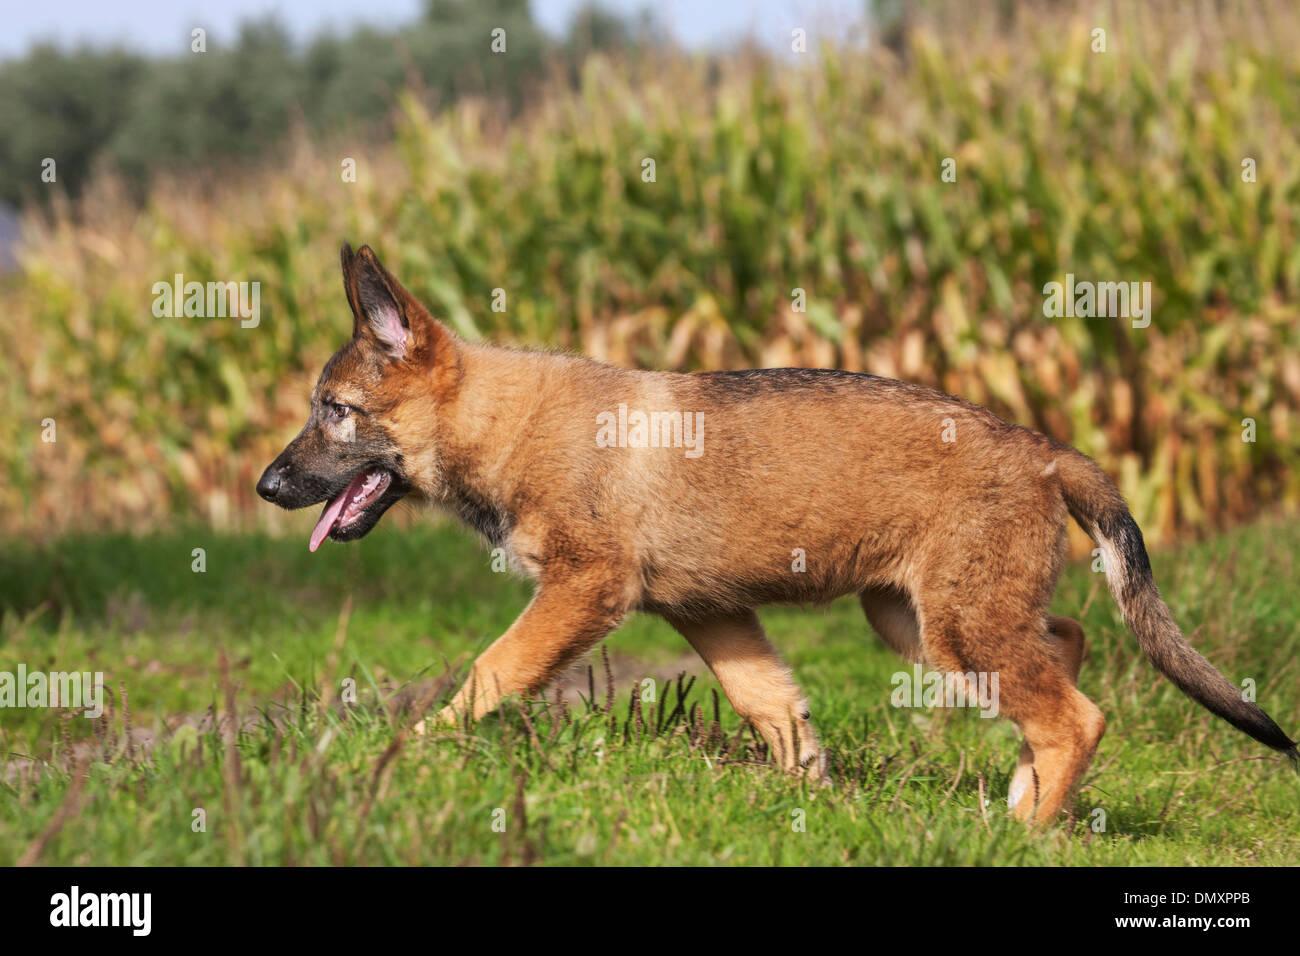 Neugierig Schäferhund Welpe Hund (Canis Lupus Familiaris) zu Fuß und erkunden in Feld Stockbild